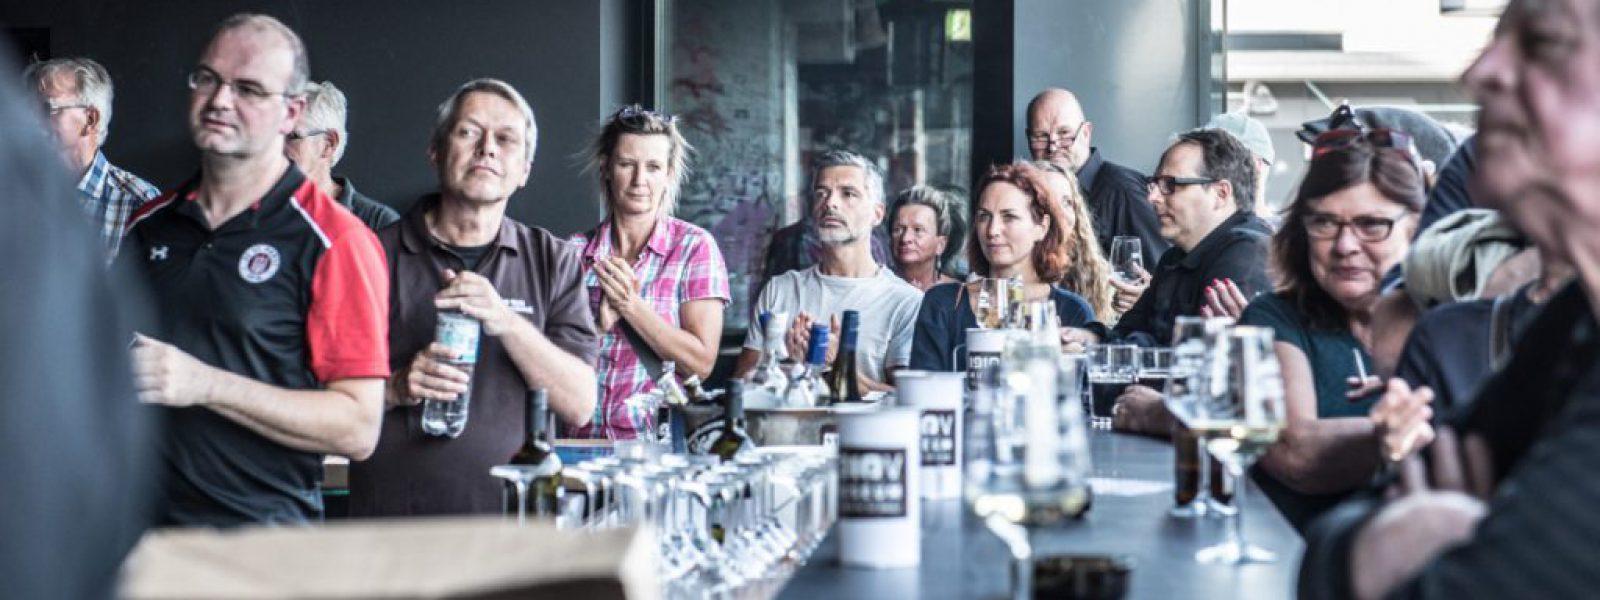 Vernissage Thorsten Baering (Foto Sabrina Adeline Nagel) - 13